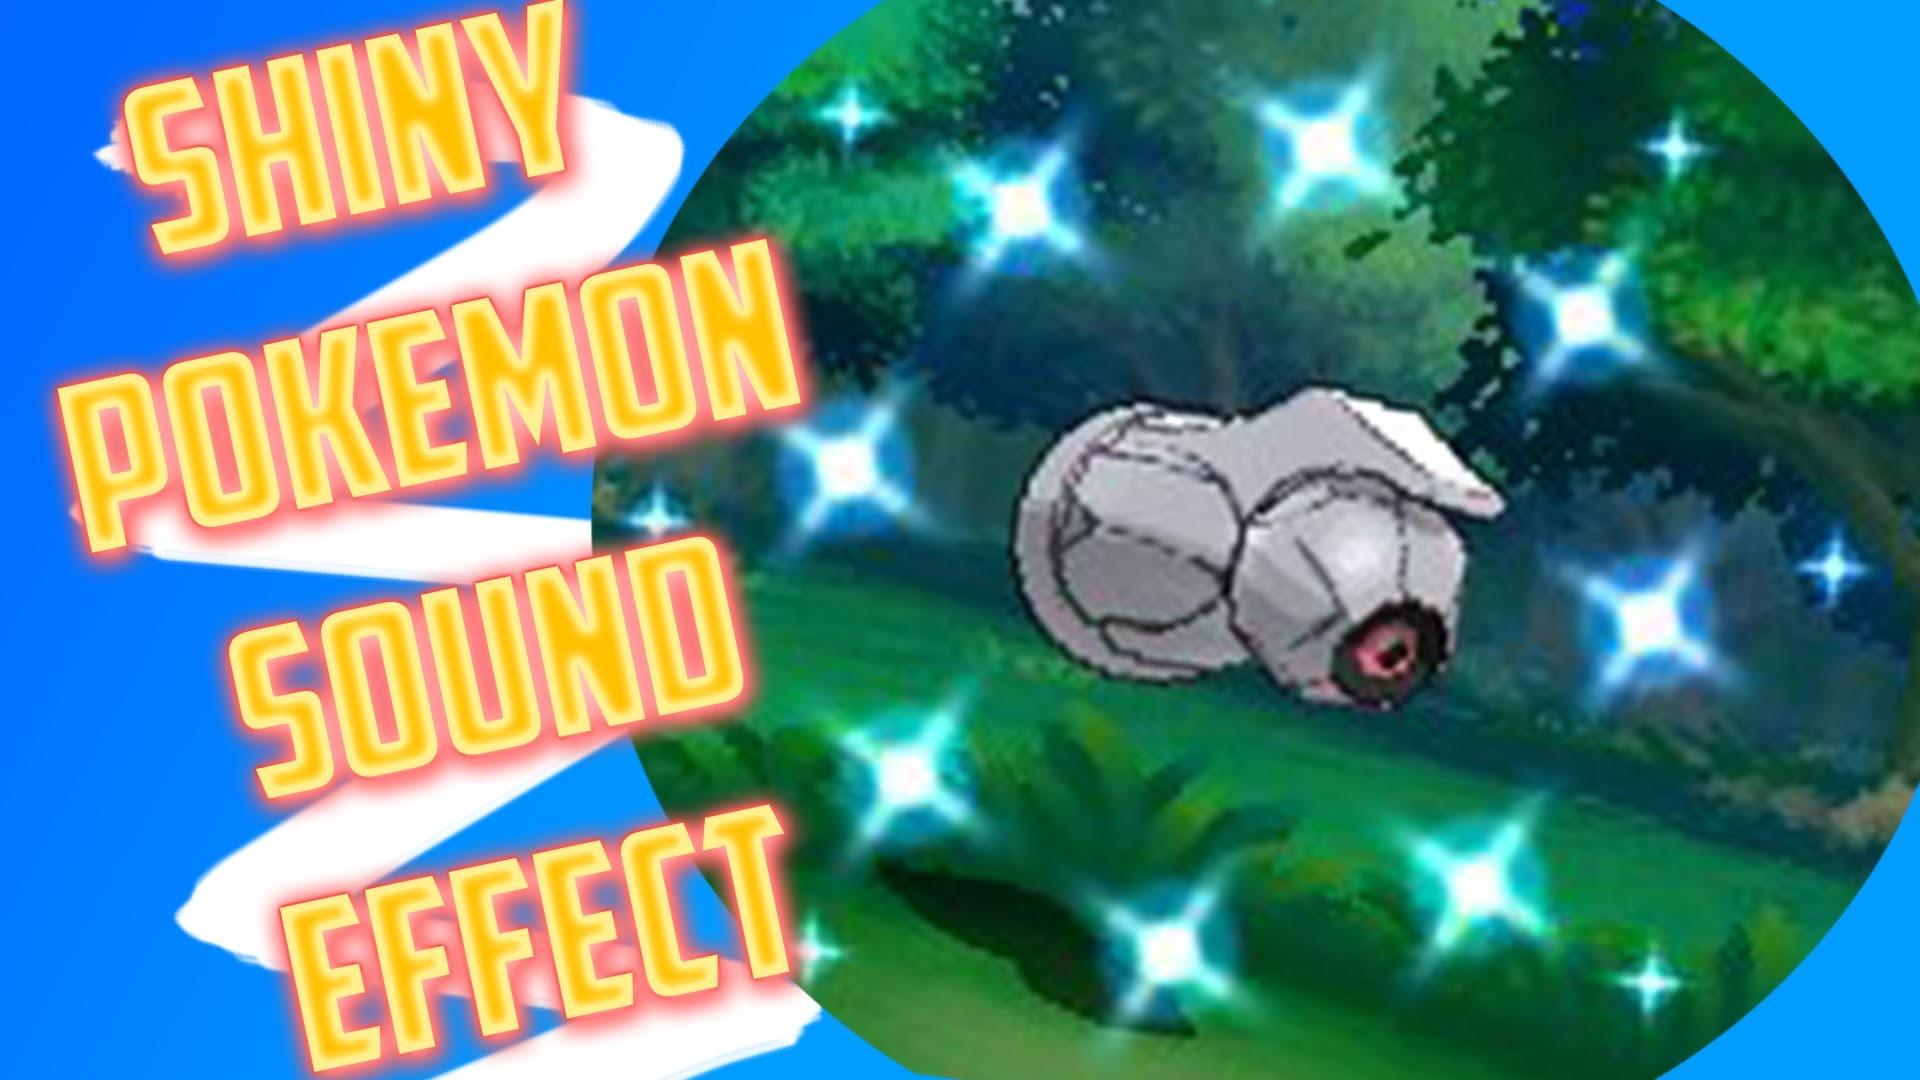 Shiny Pokemon Sound Effect (Gen 6)